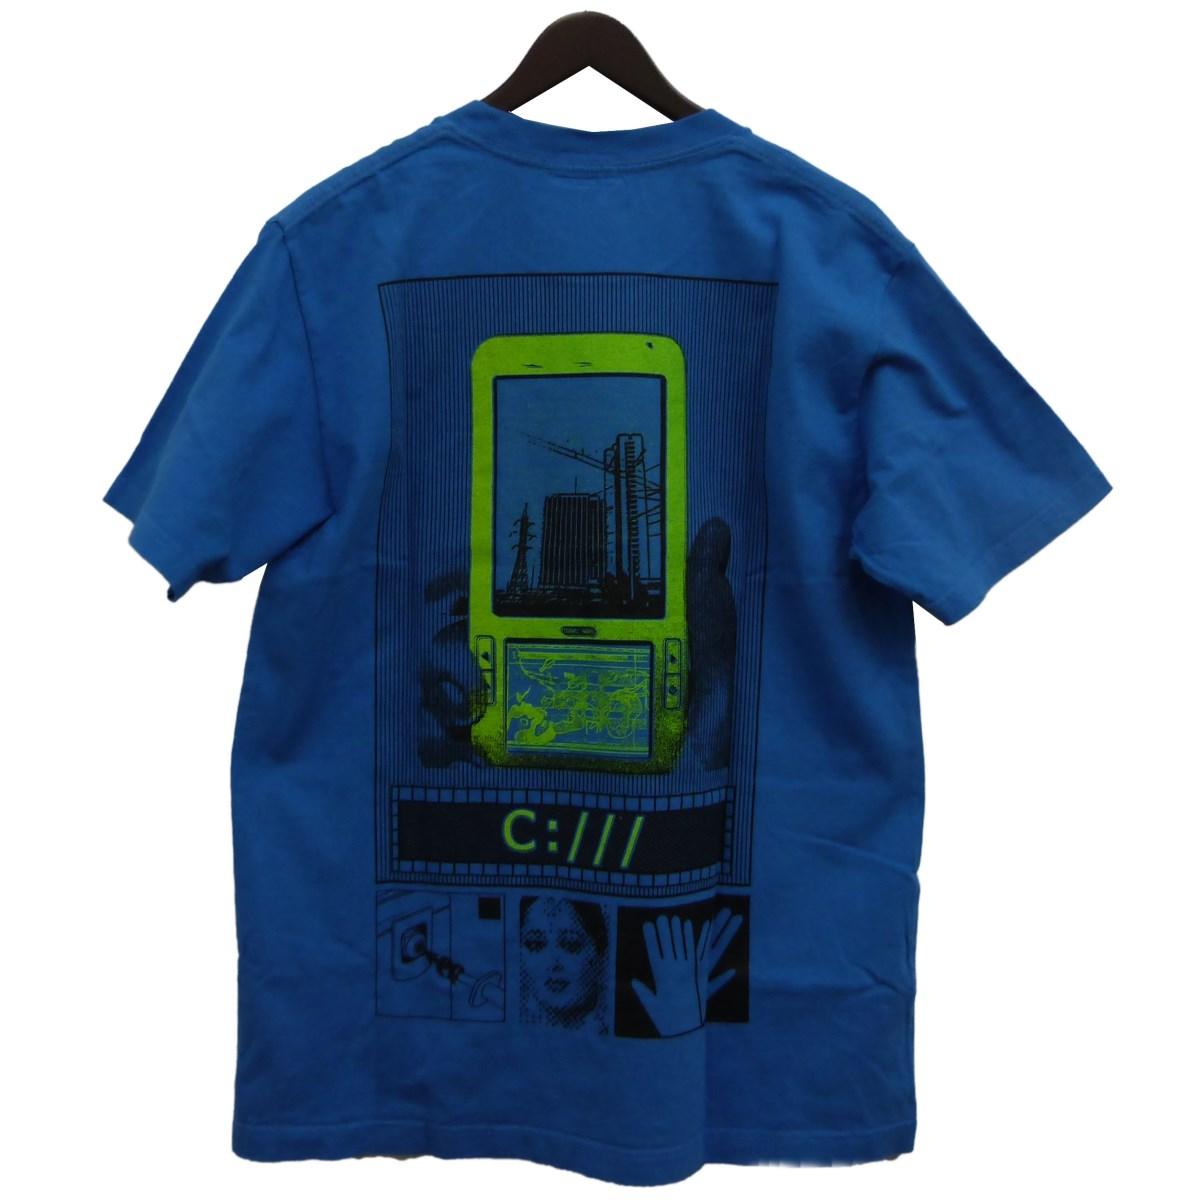 【中古】C.E 「OVERDYE C:///T」Tシャツ ブルー サイズ:M 【131219】(シーイー)